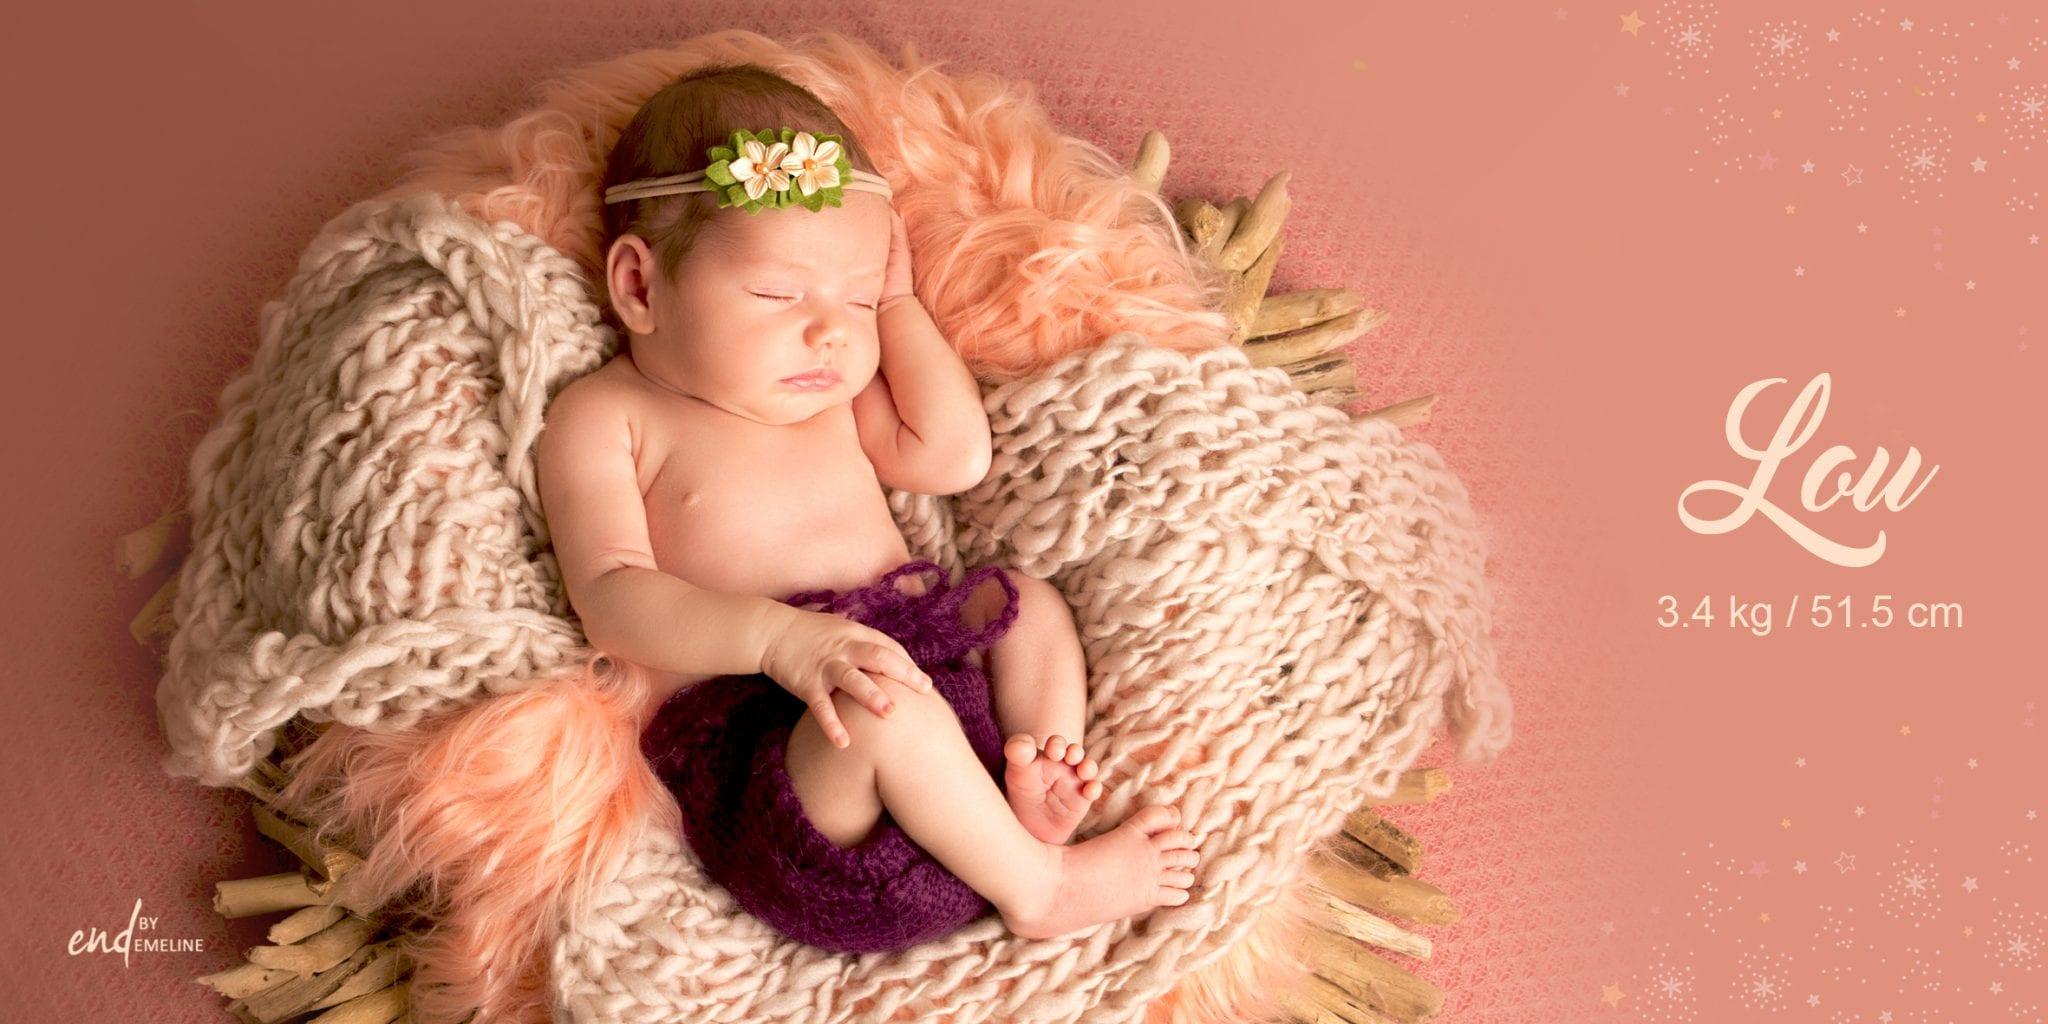 Photographe de bébé à Rodez - Lou By Studio END